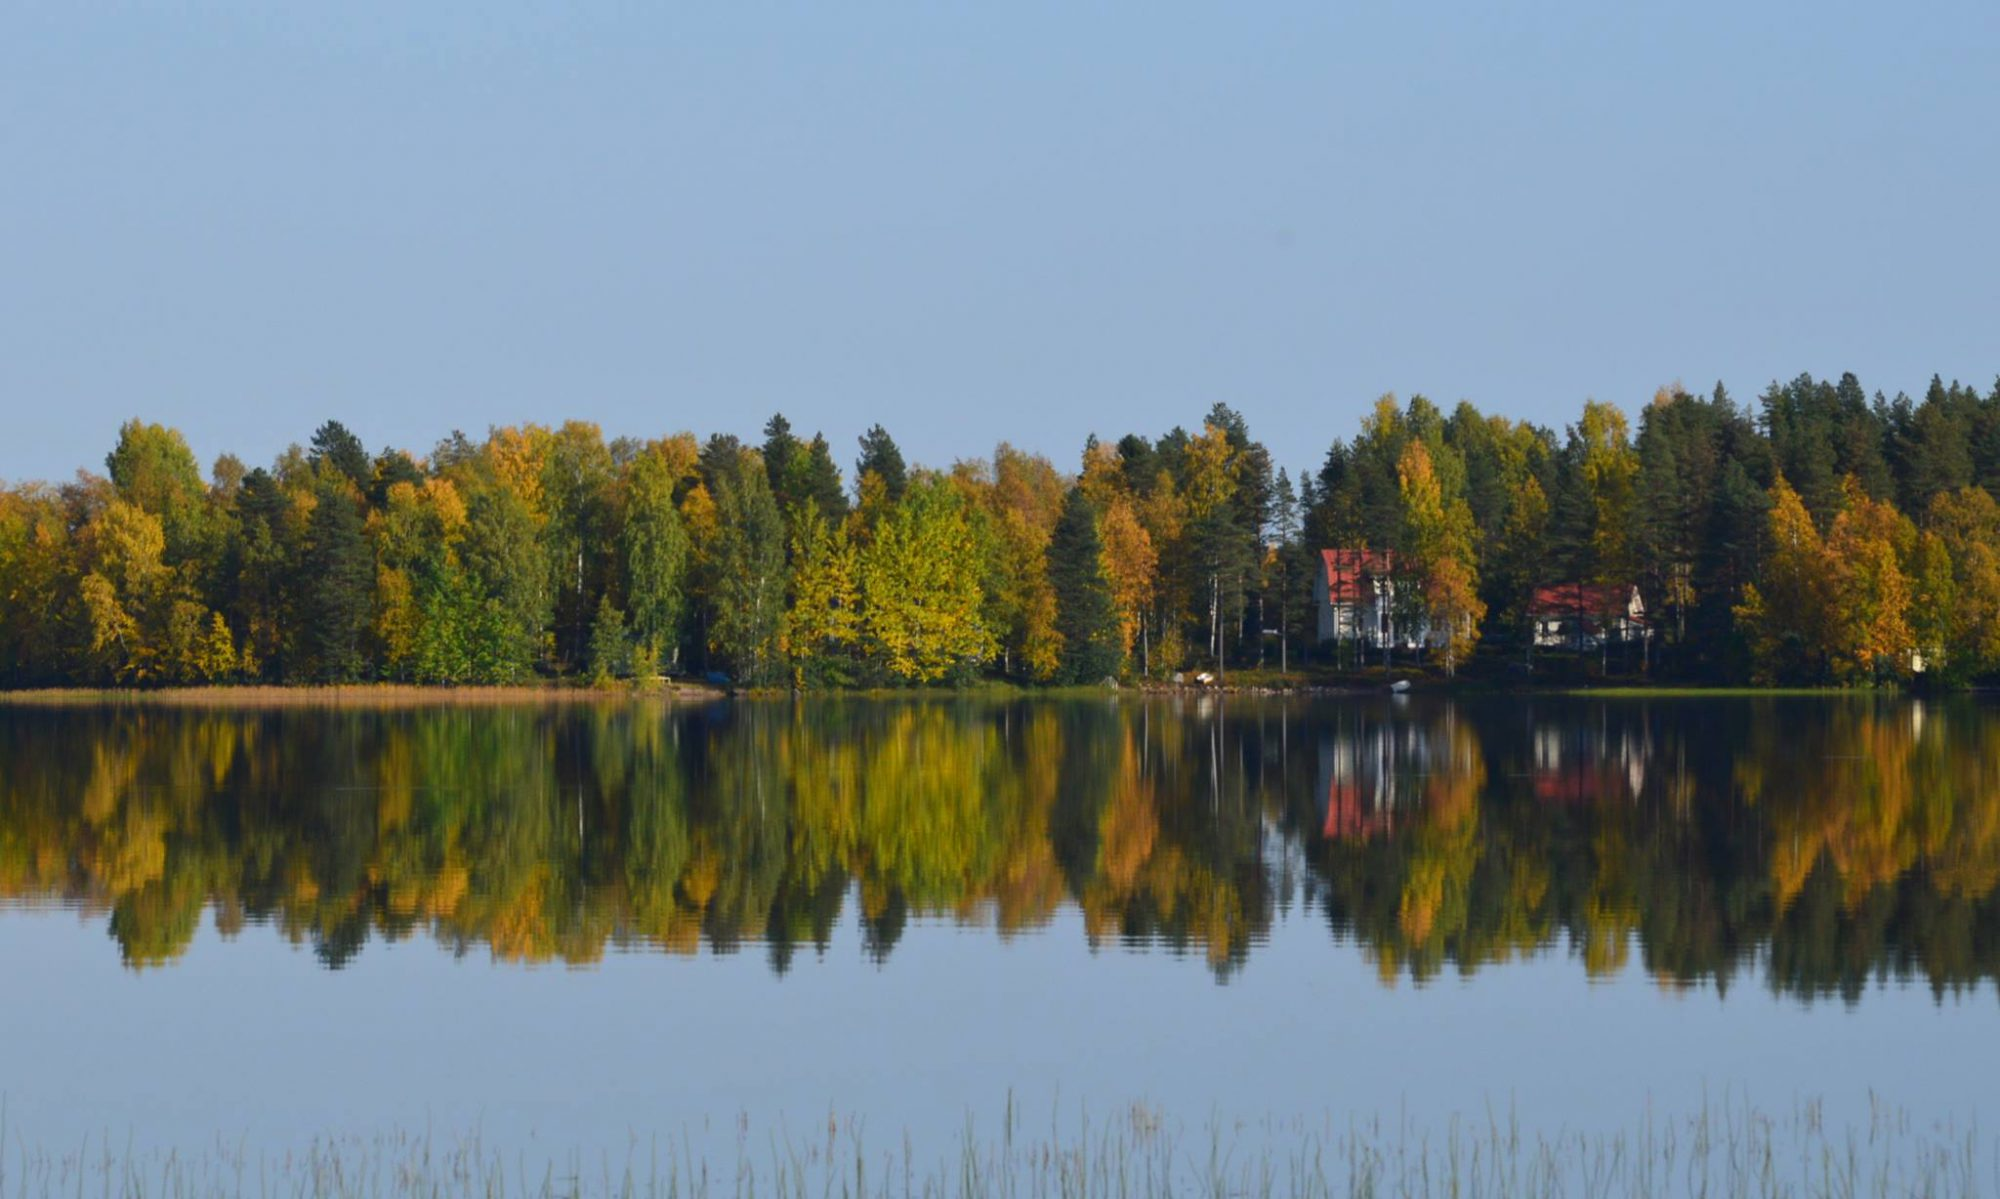 Haapaveden-Siikalatvan seutukunta